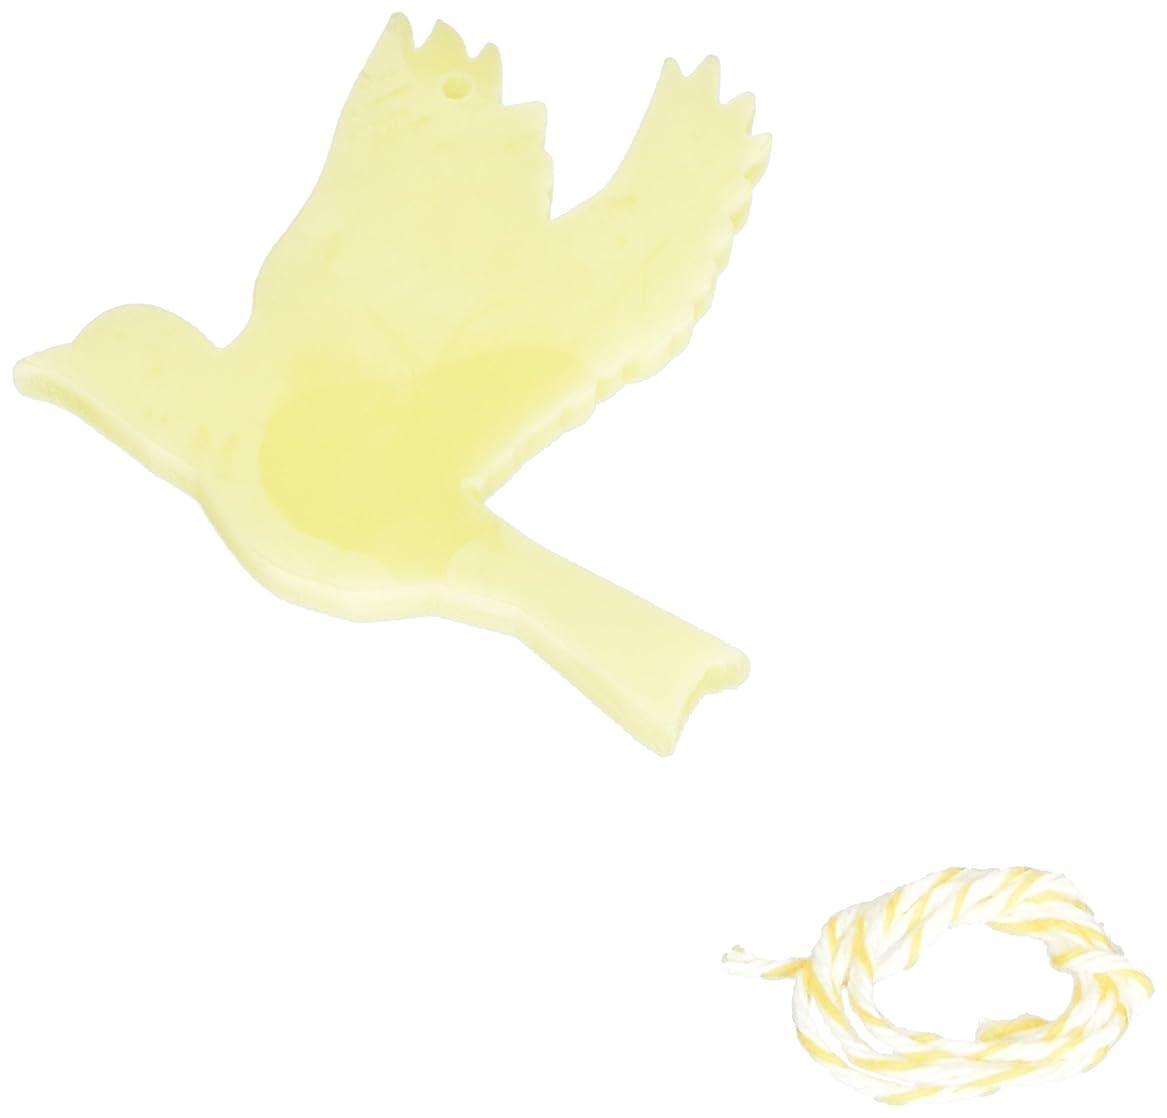 インカ帝国アーク嵐のGRASSE TOKYO AROMATICWAXチャーム「ハト」(YE) ベルガモット アロマティックワックス グラーストウキョウ